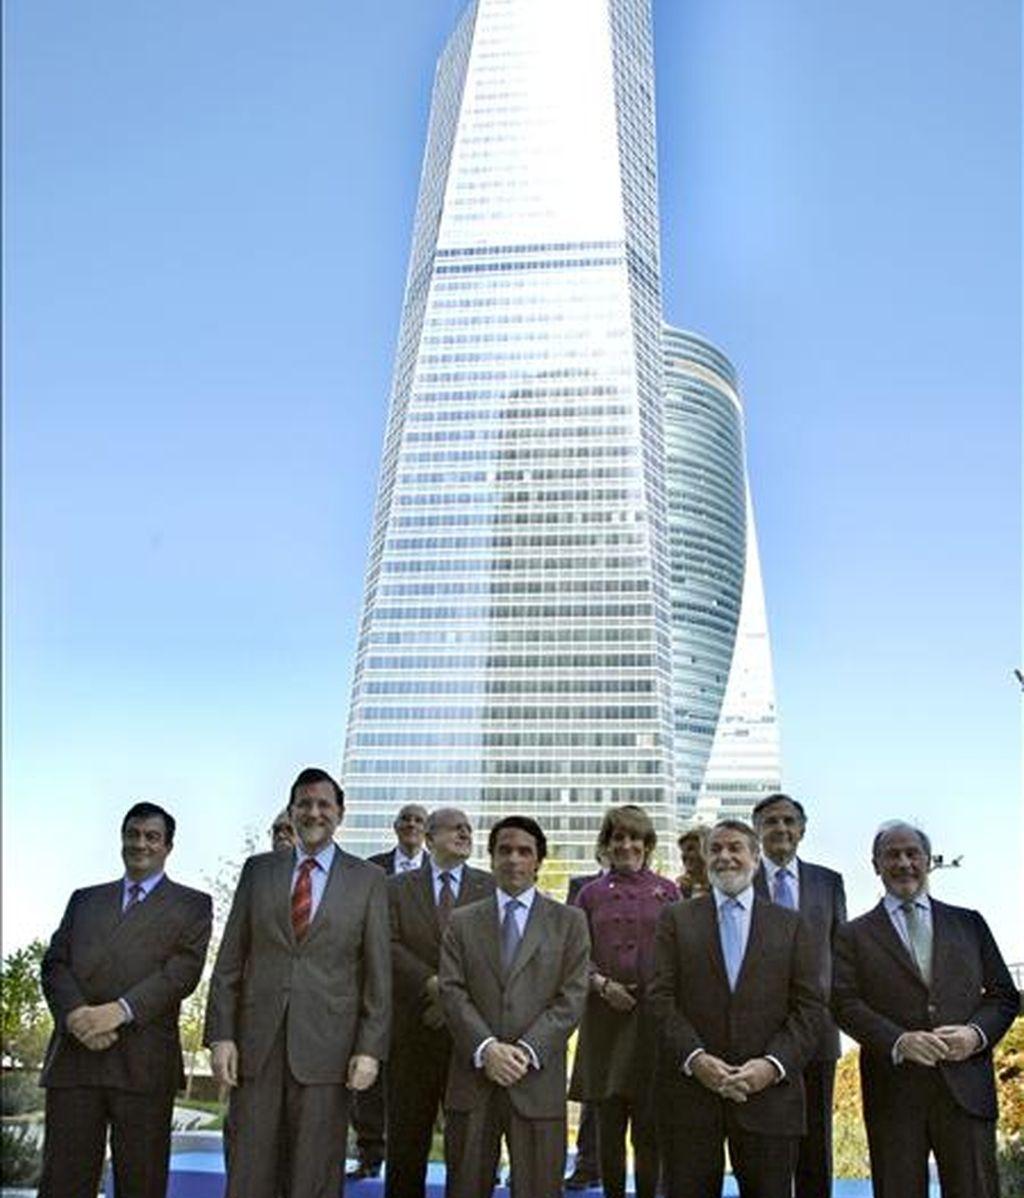 El ex presidente del Gobierno, José María Aznar, reúne a su equipo de 1996. Video: Informativos Telecinco.